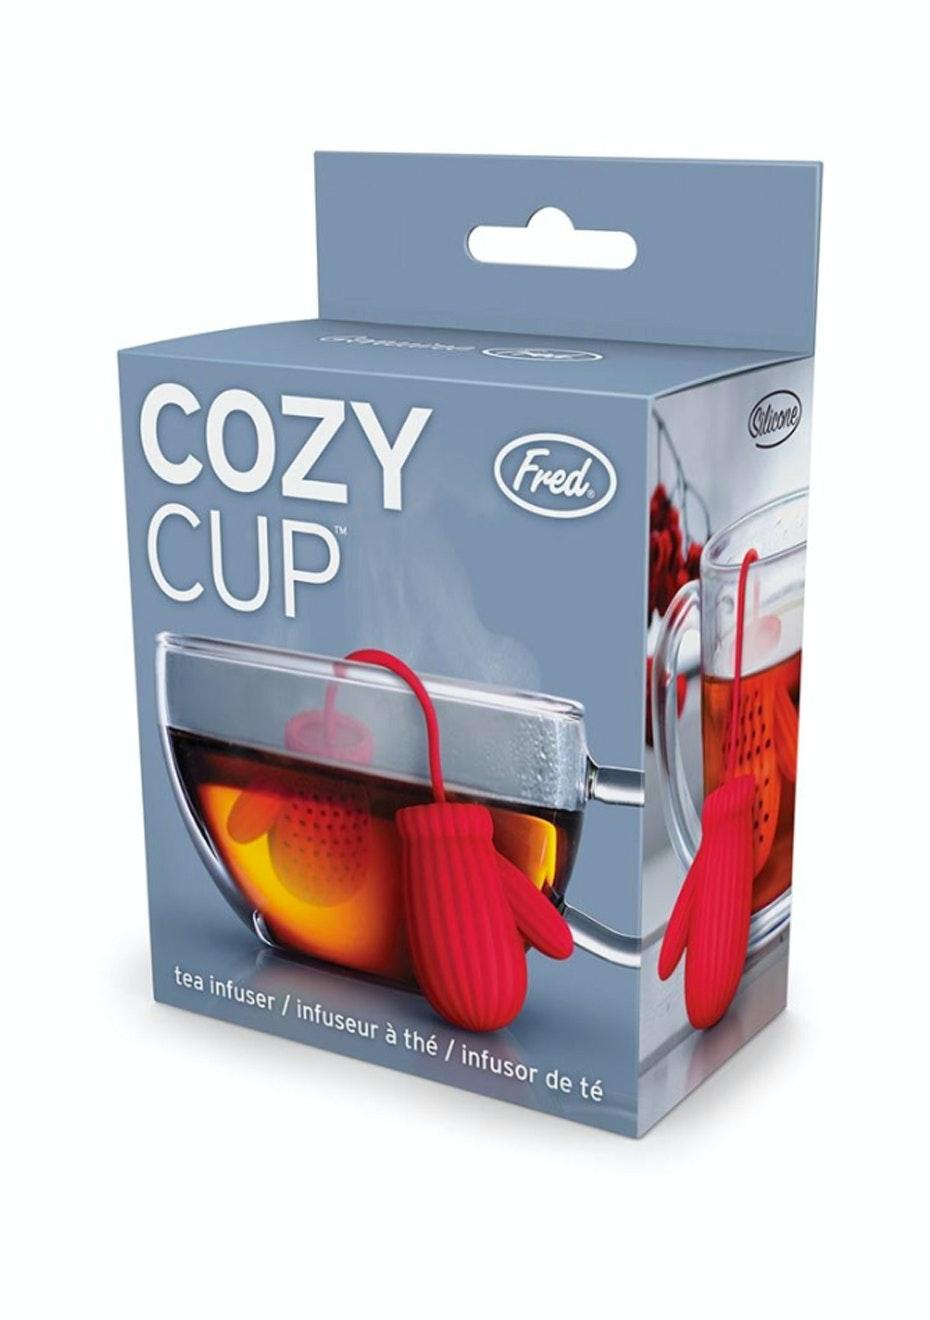 Cozy Cup Tea Infuser